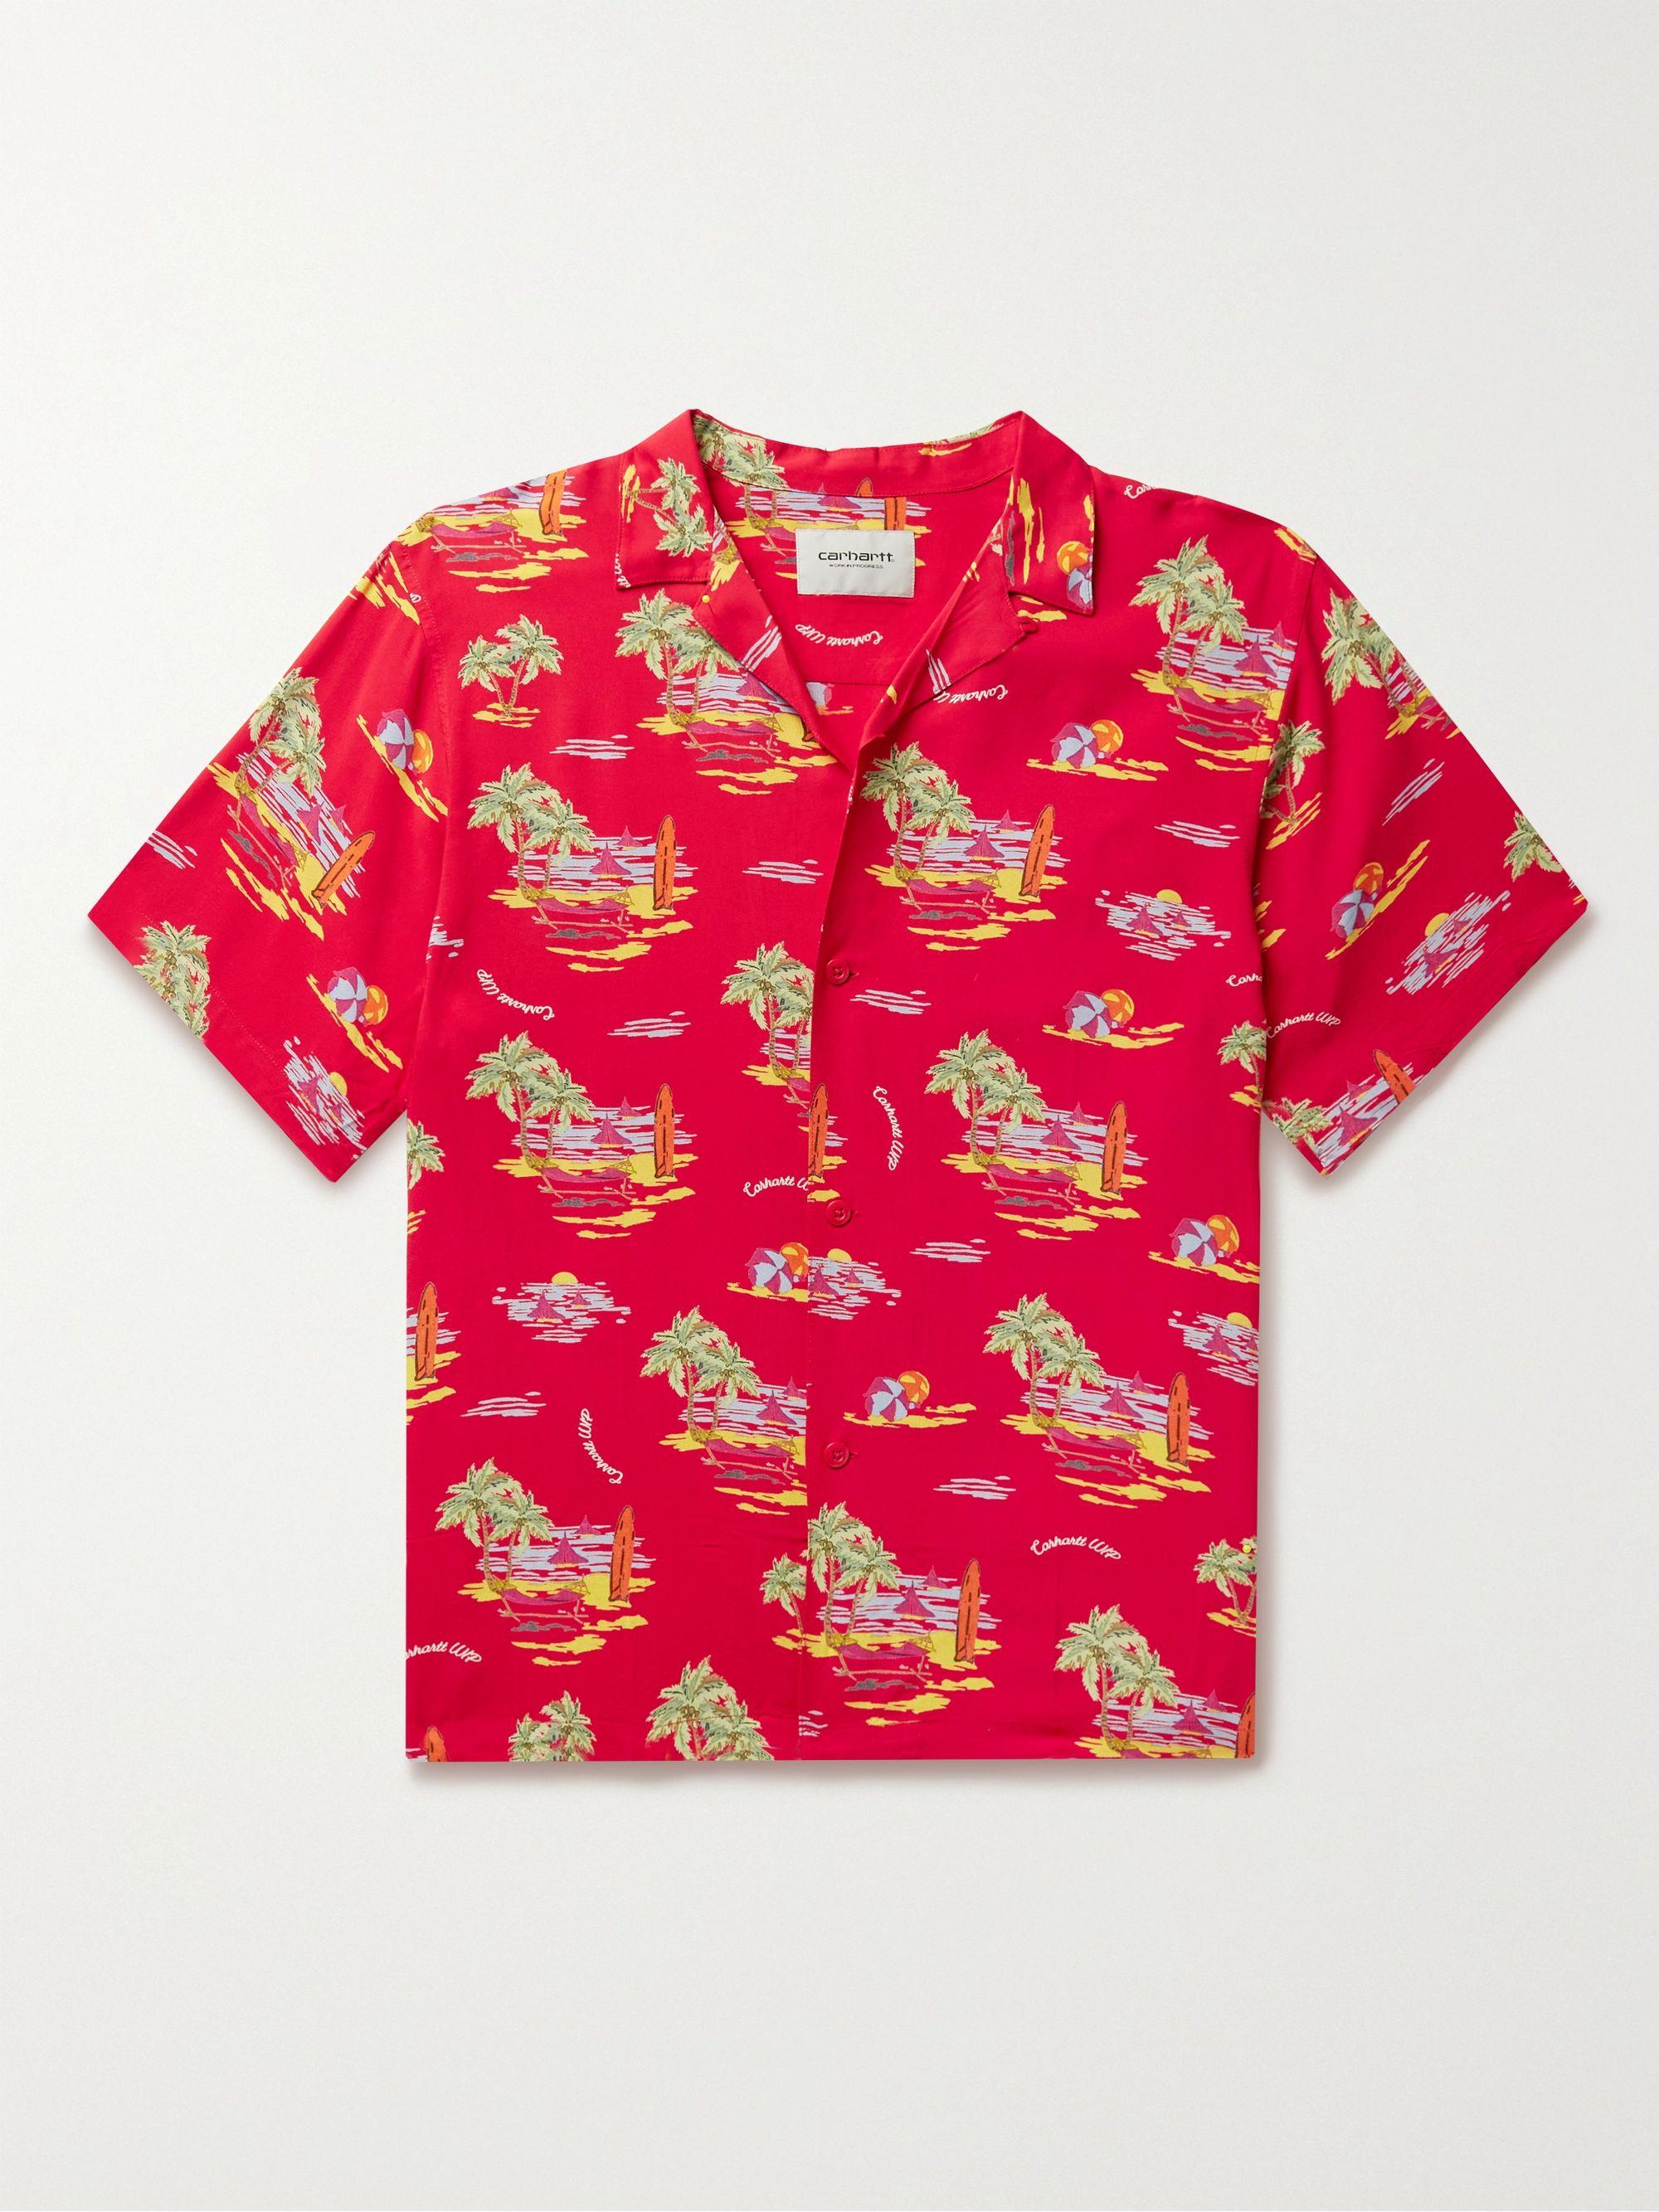 칼하트WIP Carhartt WIP Convertible-Collar Printed Voile Shirt,Red